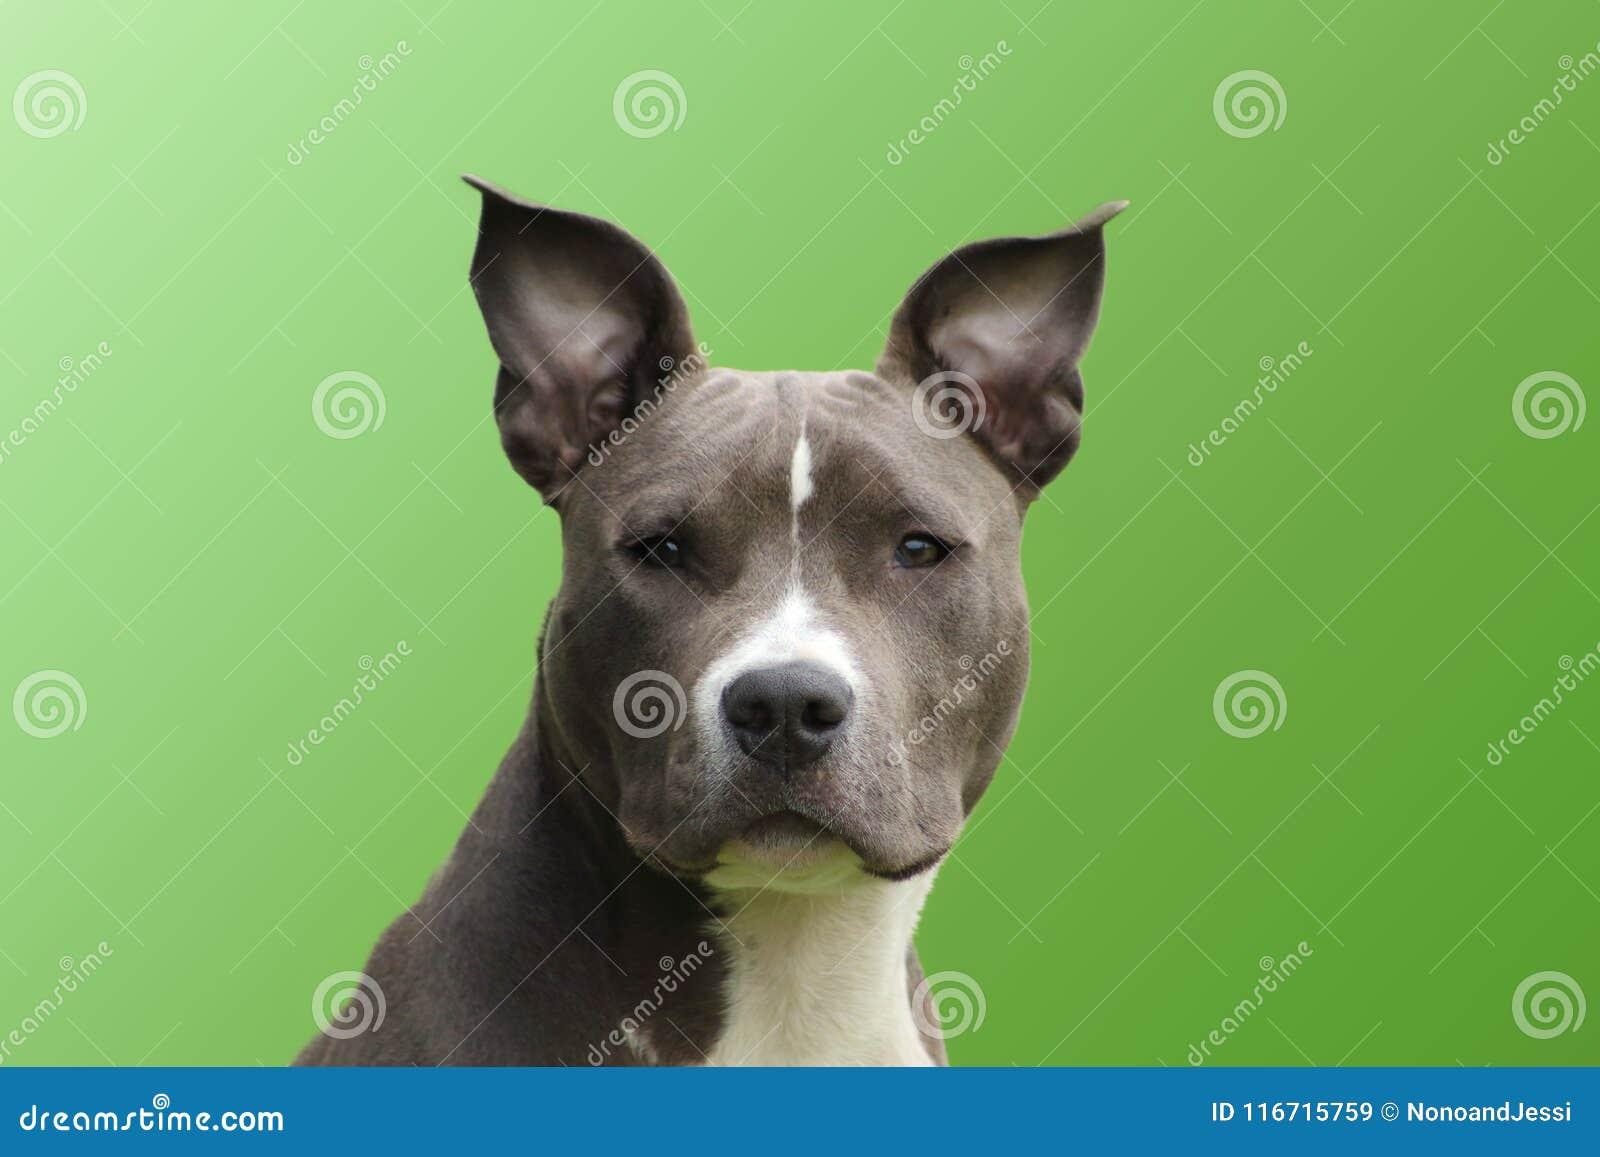 Porträt eines jungen amerikanischen Hunde-Staffordshire-Terrierblaus mit einem lebhaften rührenden Klo